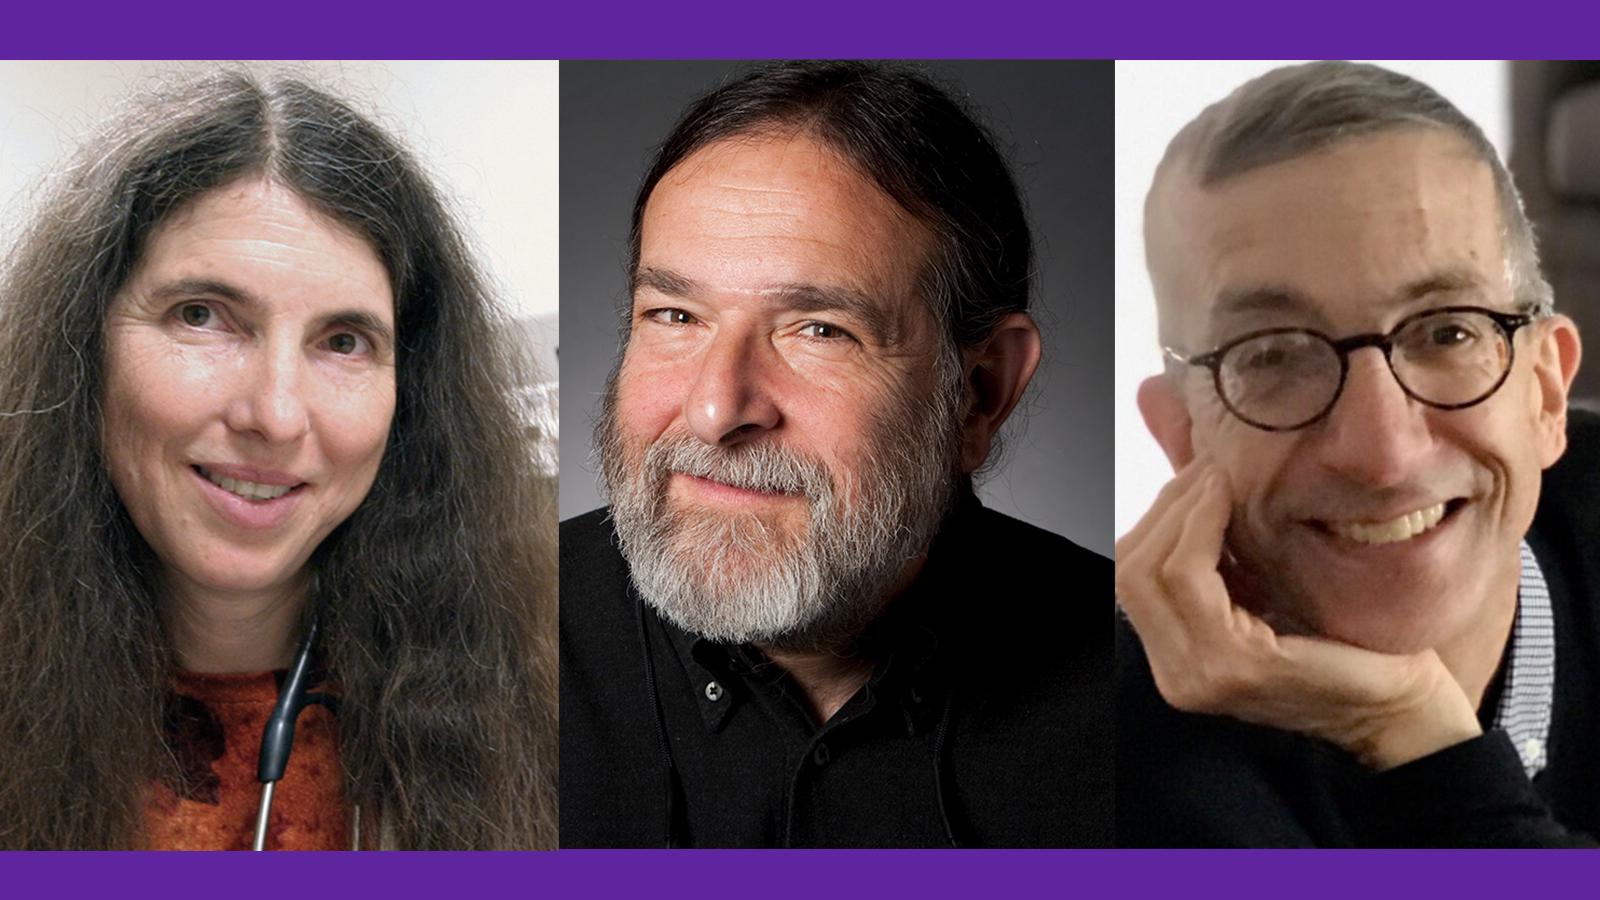 Steffie Woolhandler, David Himmelstein, Philip Alcabes